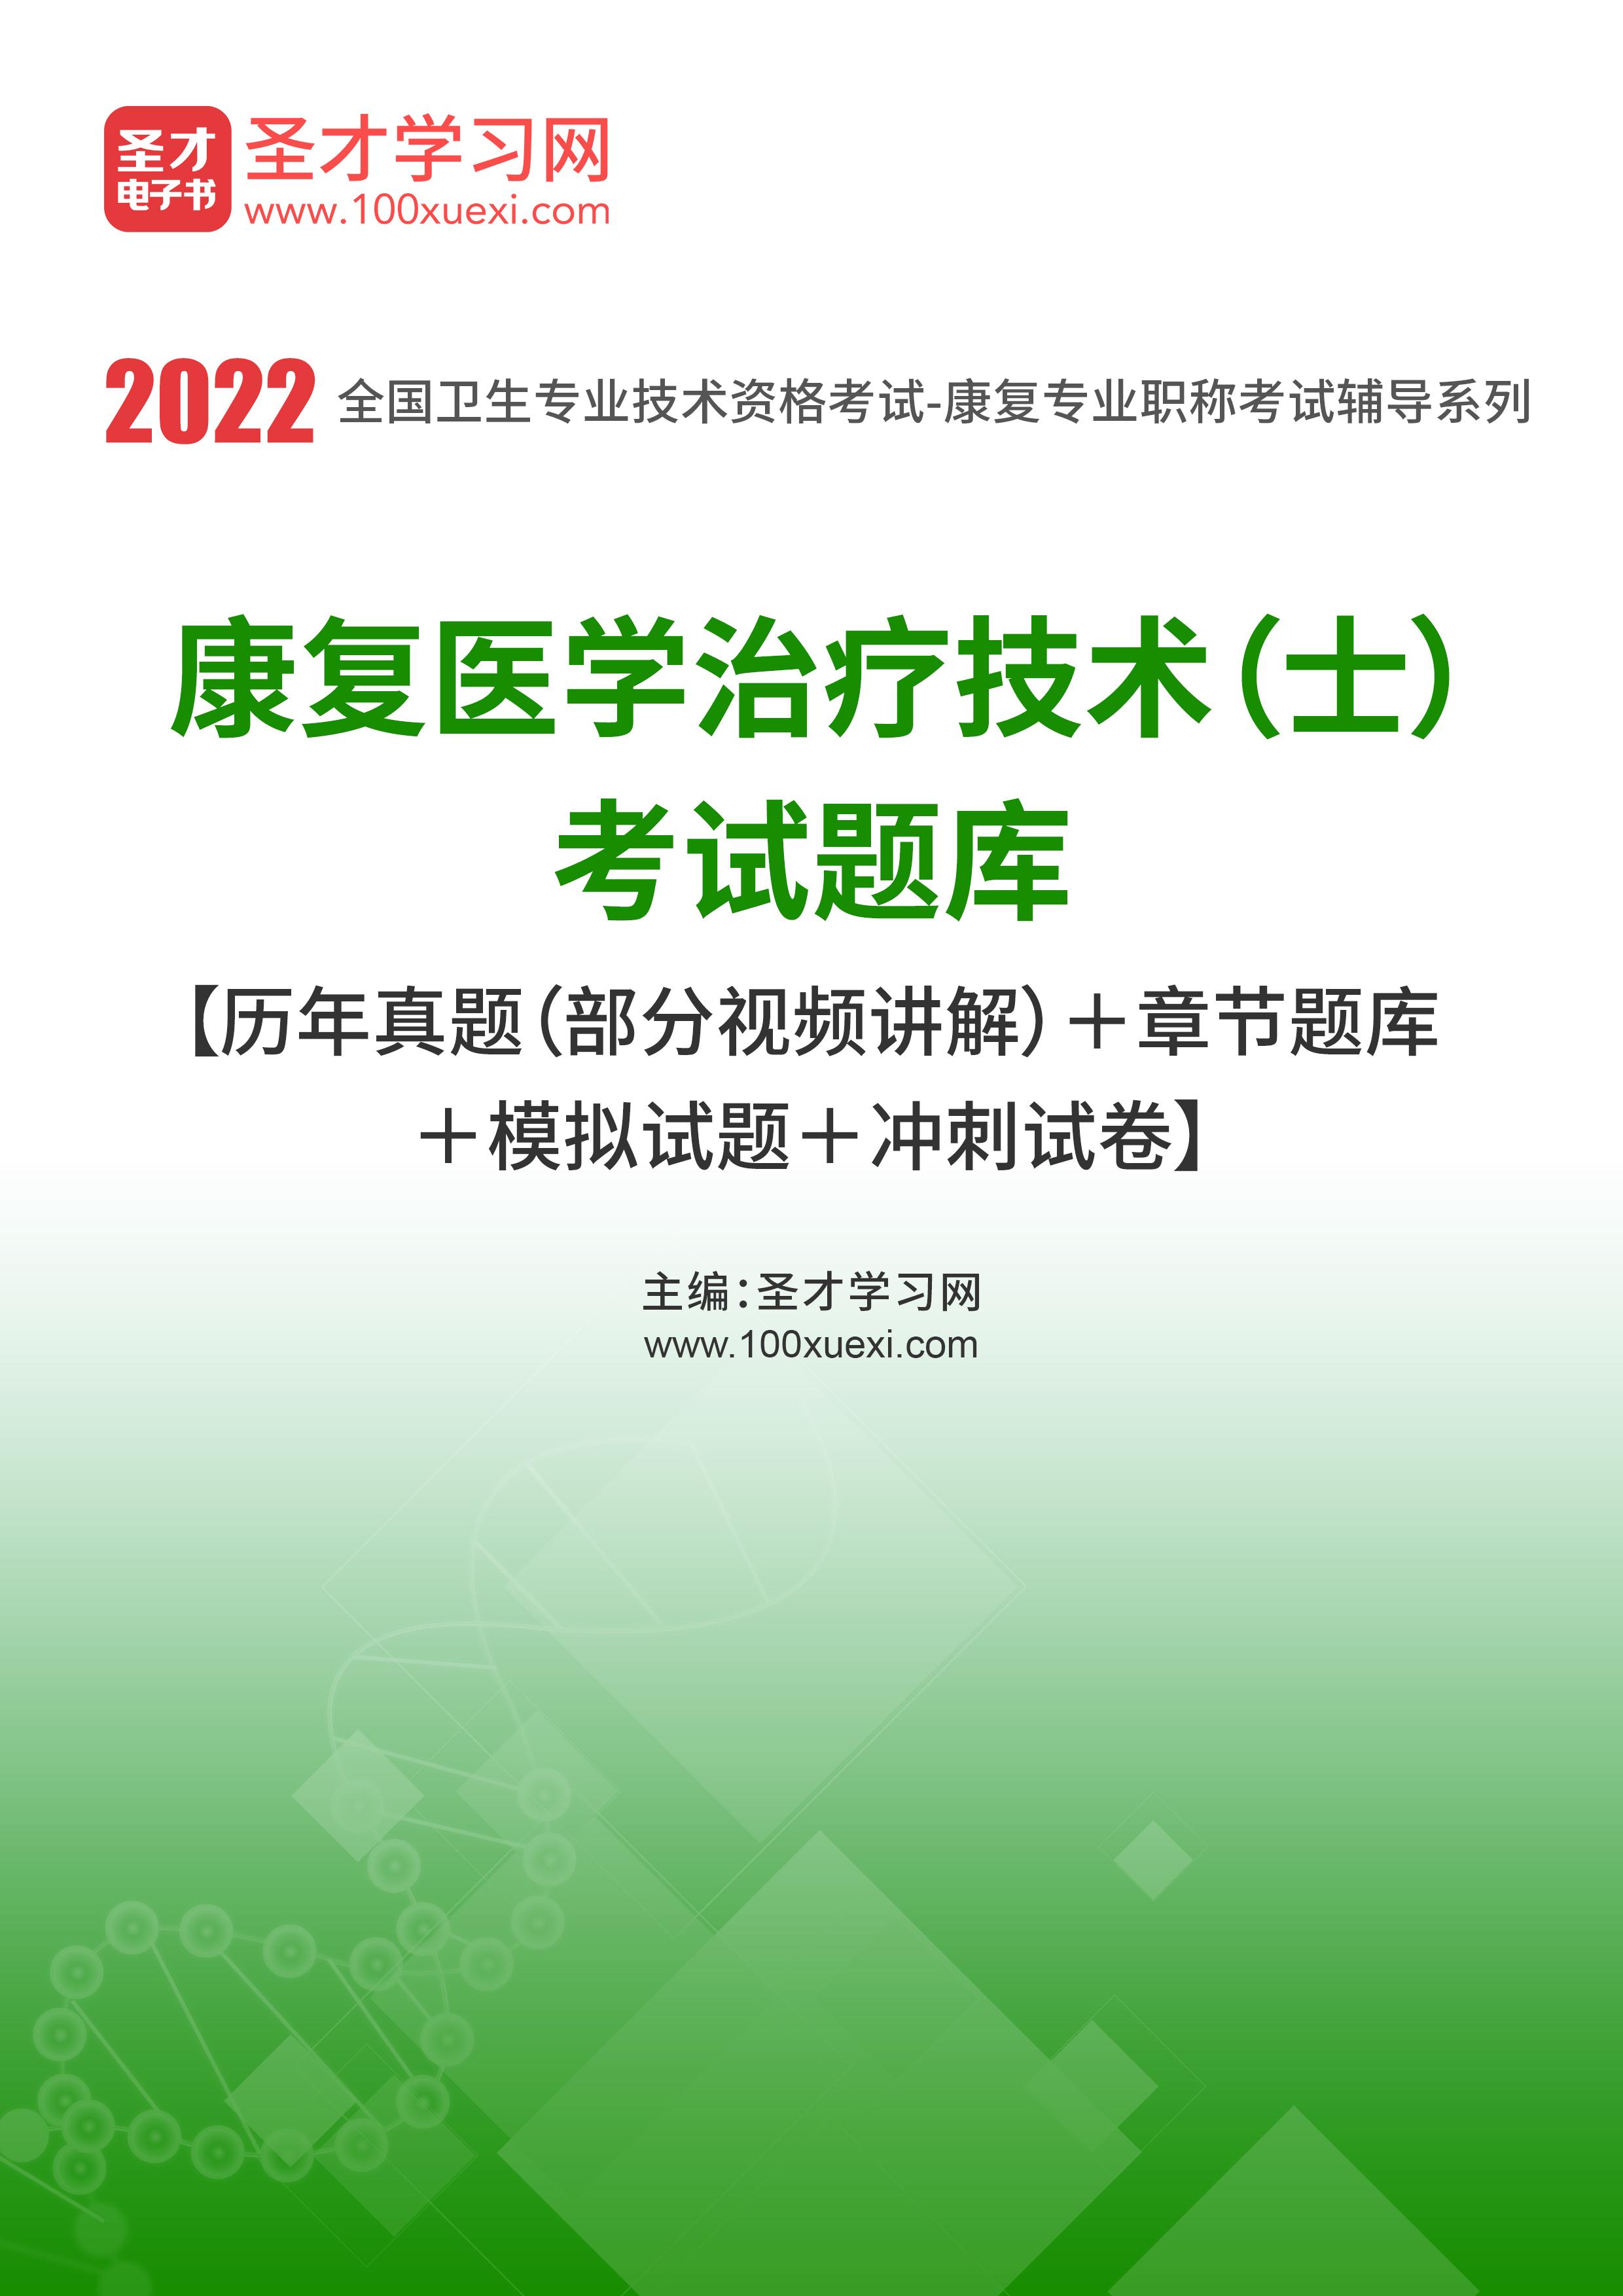 2022年康复医学治疗技术(士)考试题库【历年真题(部分视频讲解)+章节题库+模拟试题+冲刺试卷】